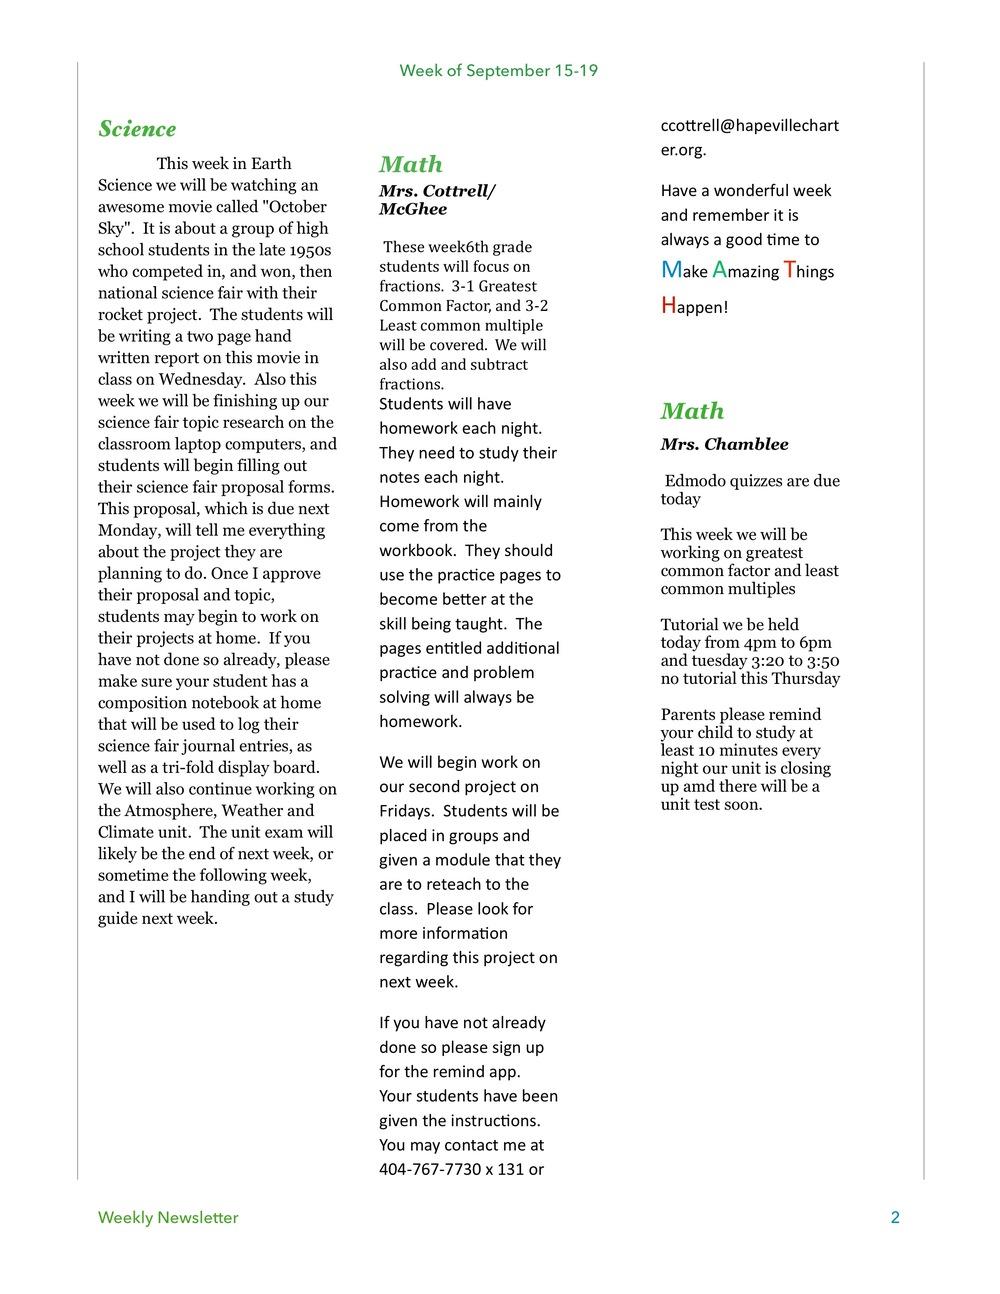 Newsletter ImageSeptember 15-19pdf 2.jpeg